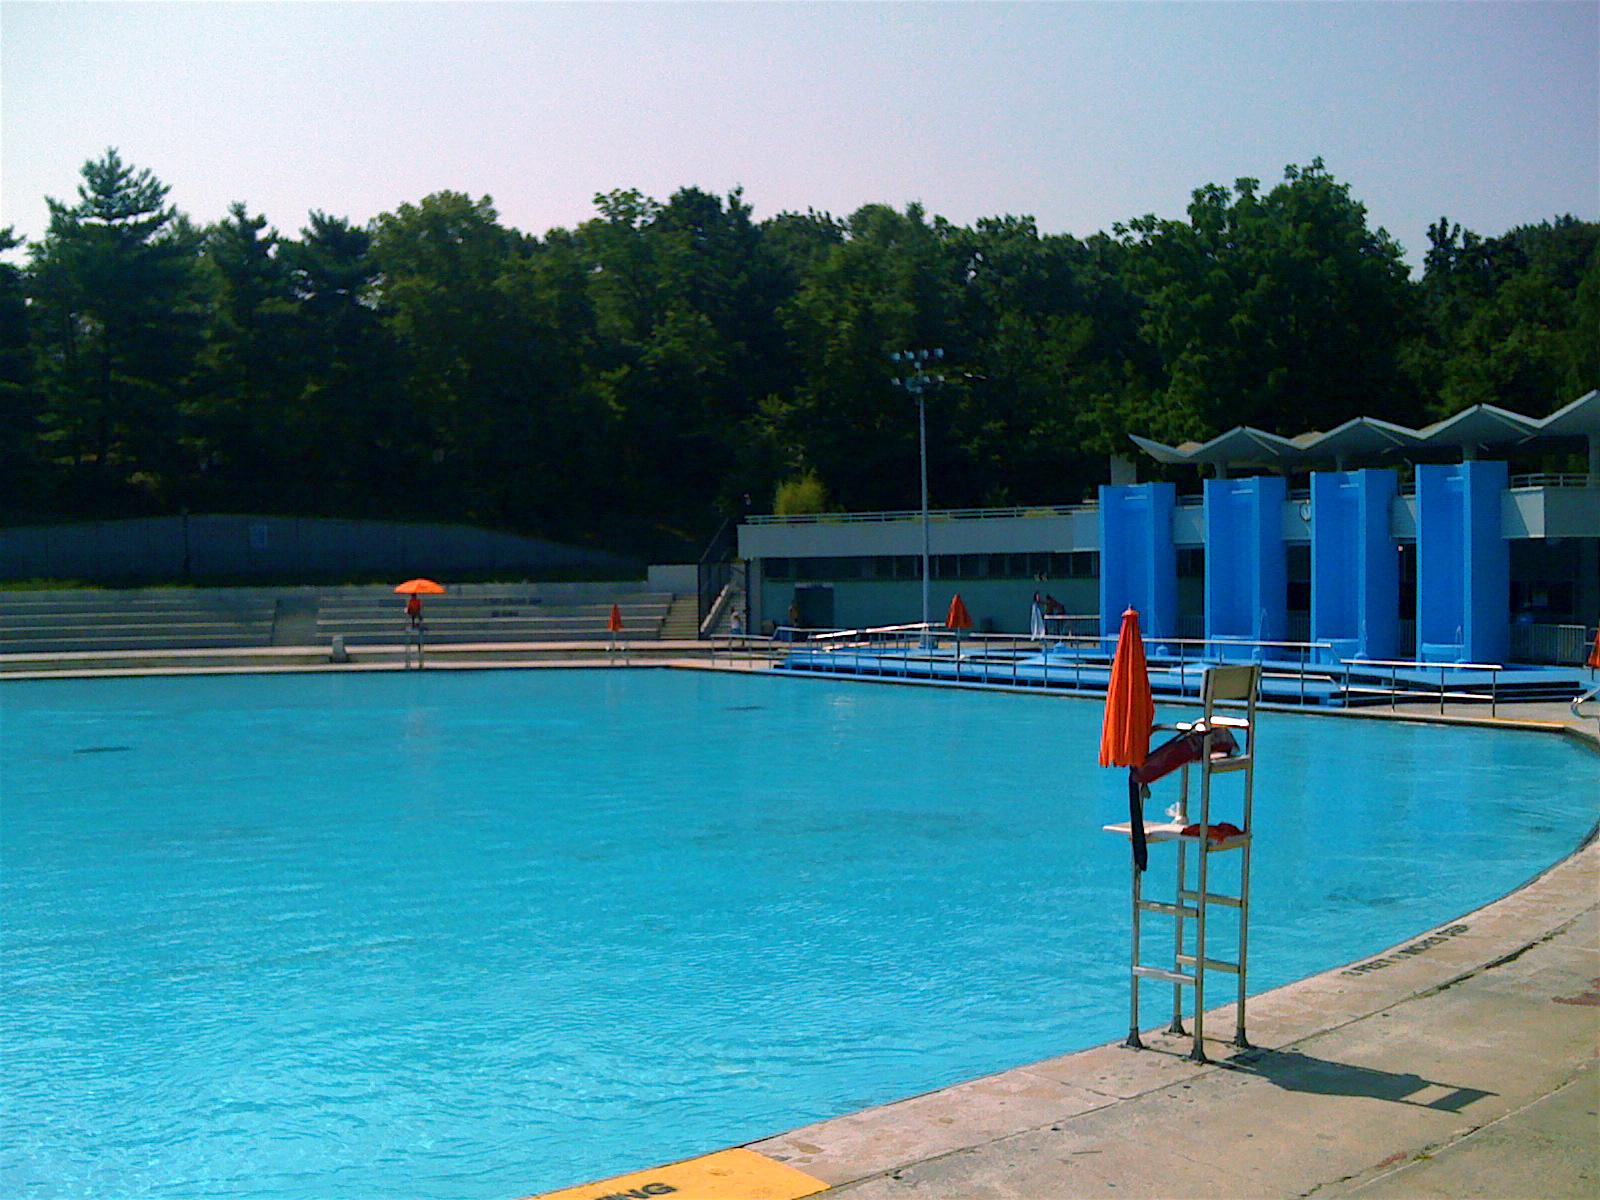 Harlem Lasker Pool In Central Park